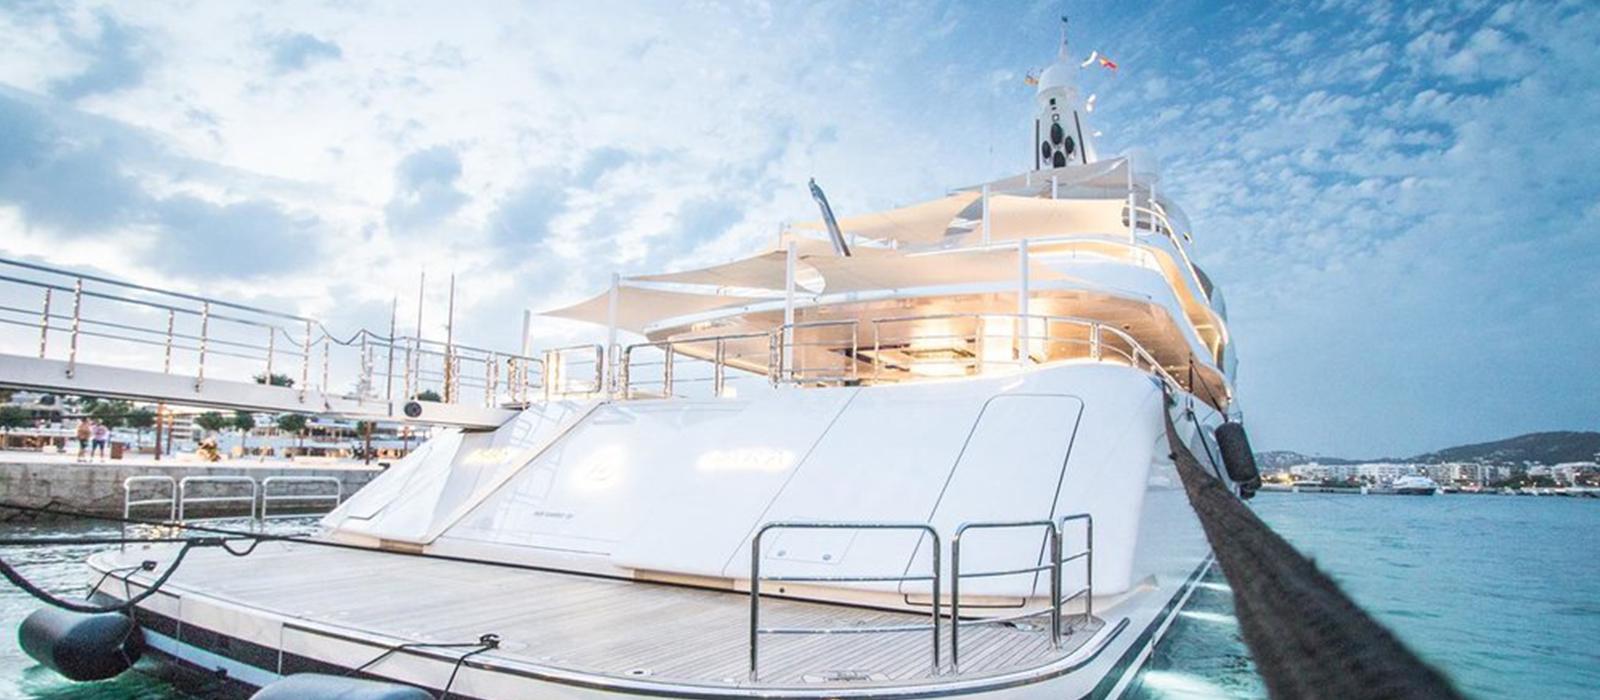 Superyacht 'Lady Lara' in  Marina Ibiza